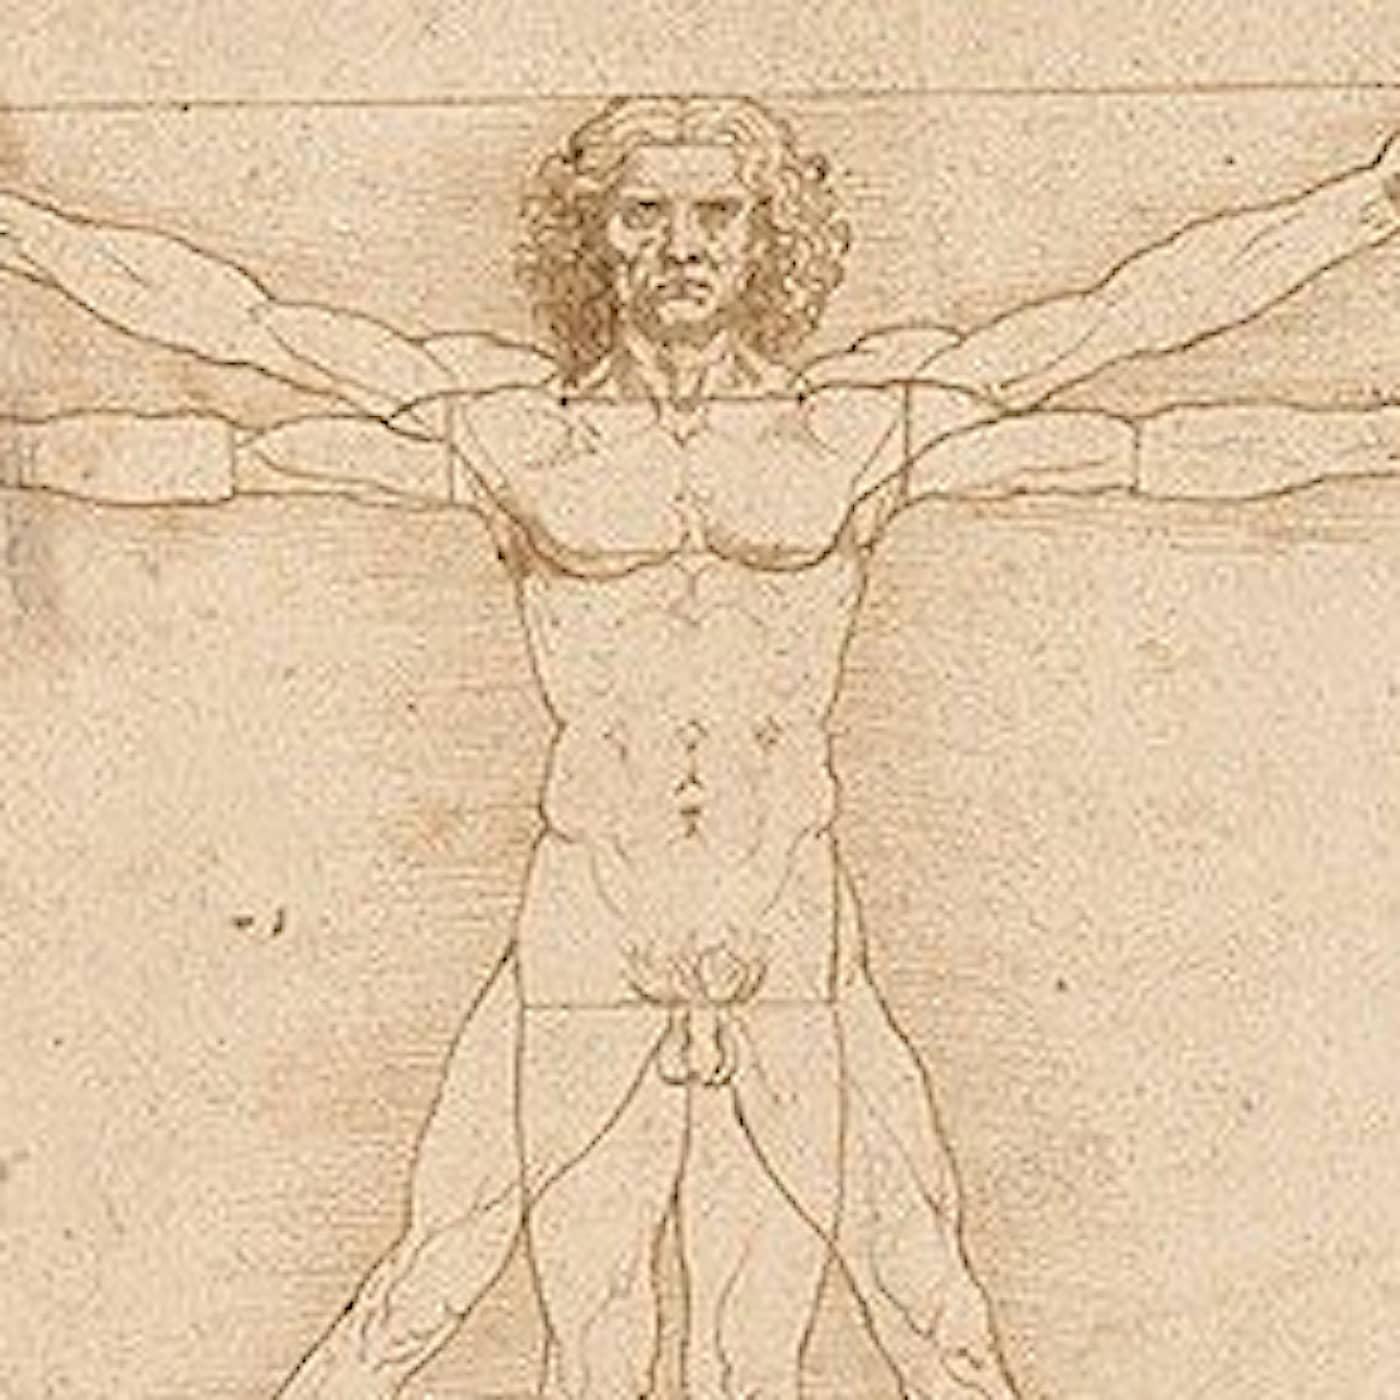 Biohacking - ta kontroll över kroppen och överlista naturen